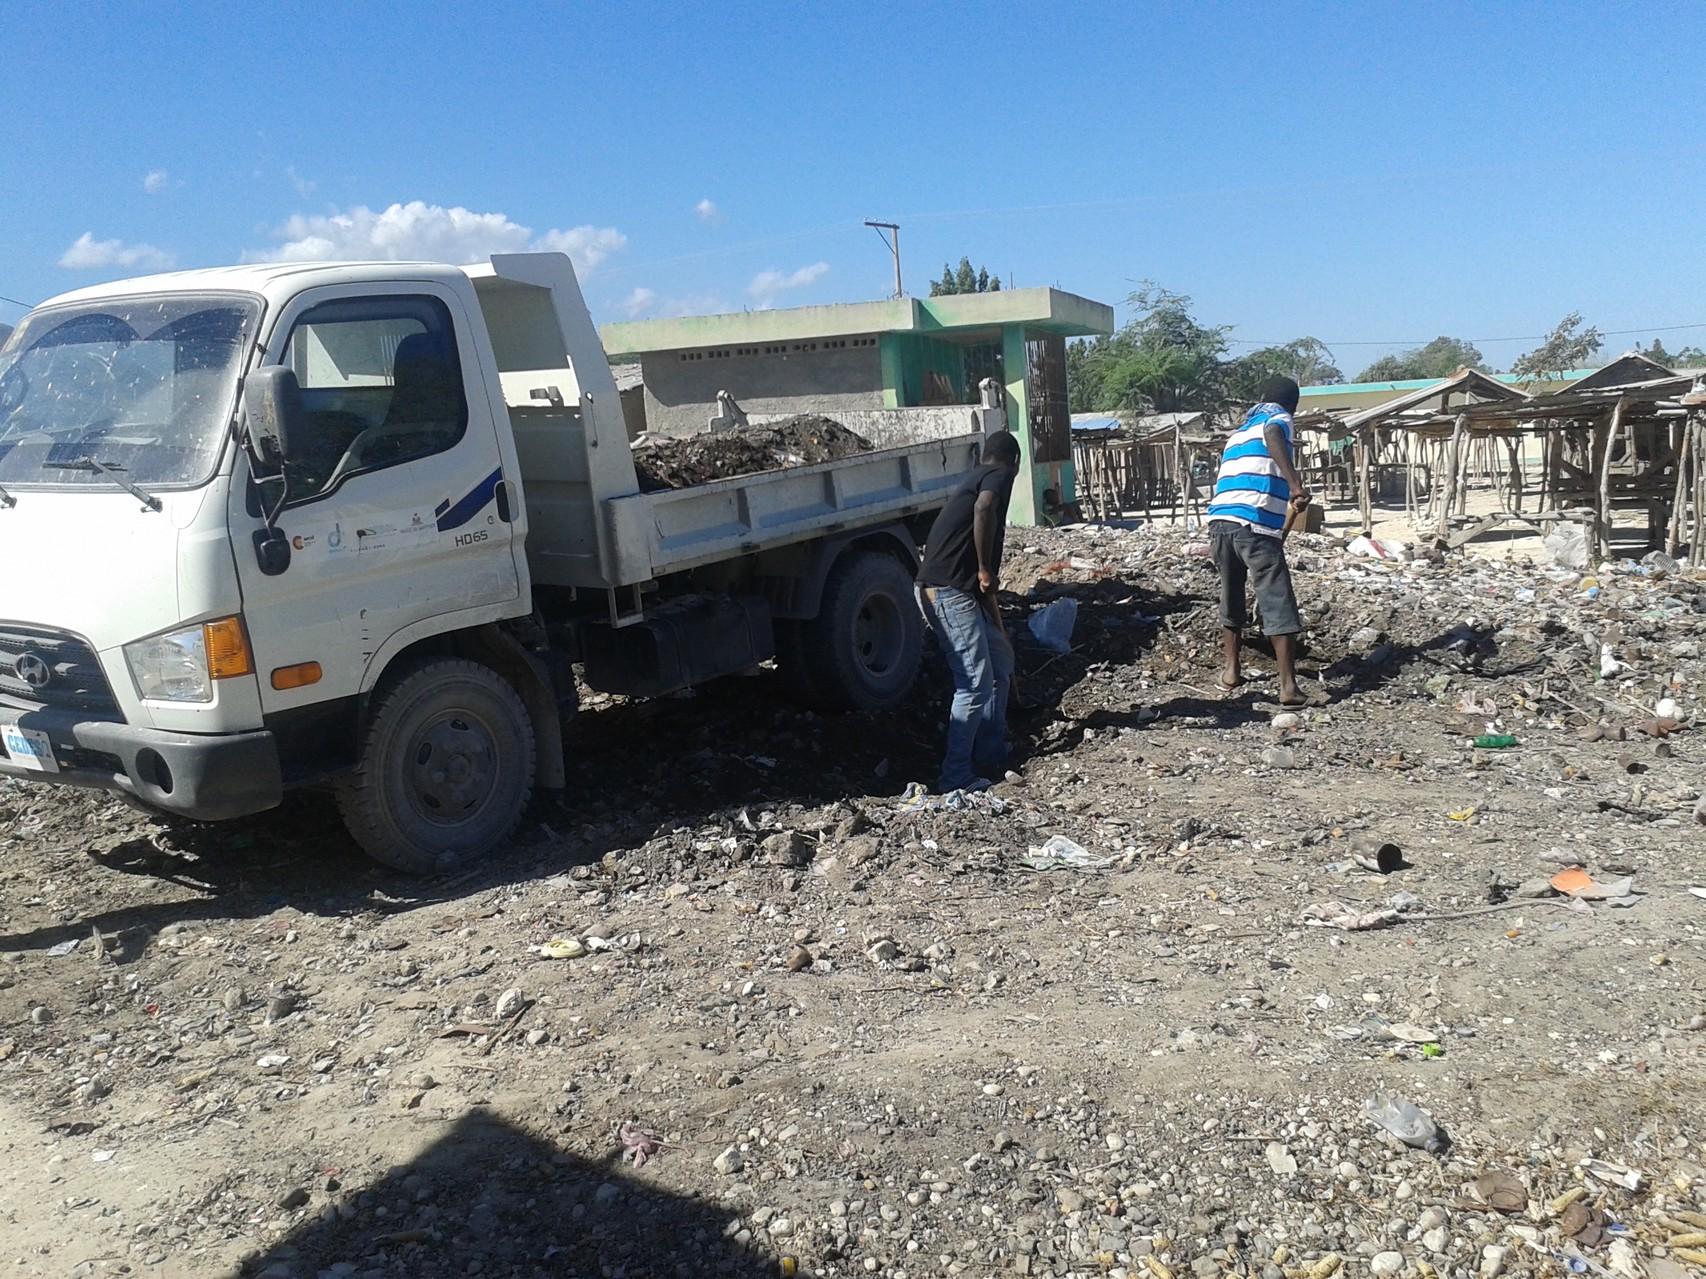 Benne à ordures prêtée par la mairie afin de procéder à l'enlèvement de ces  ordures.